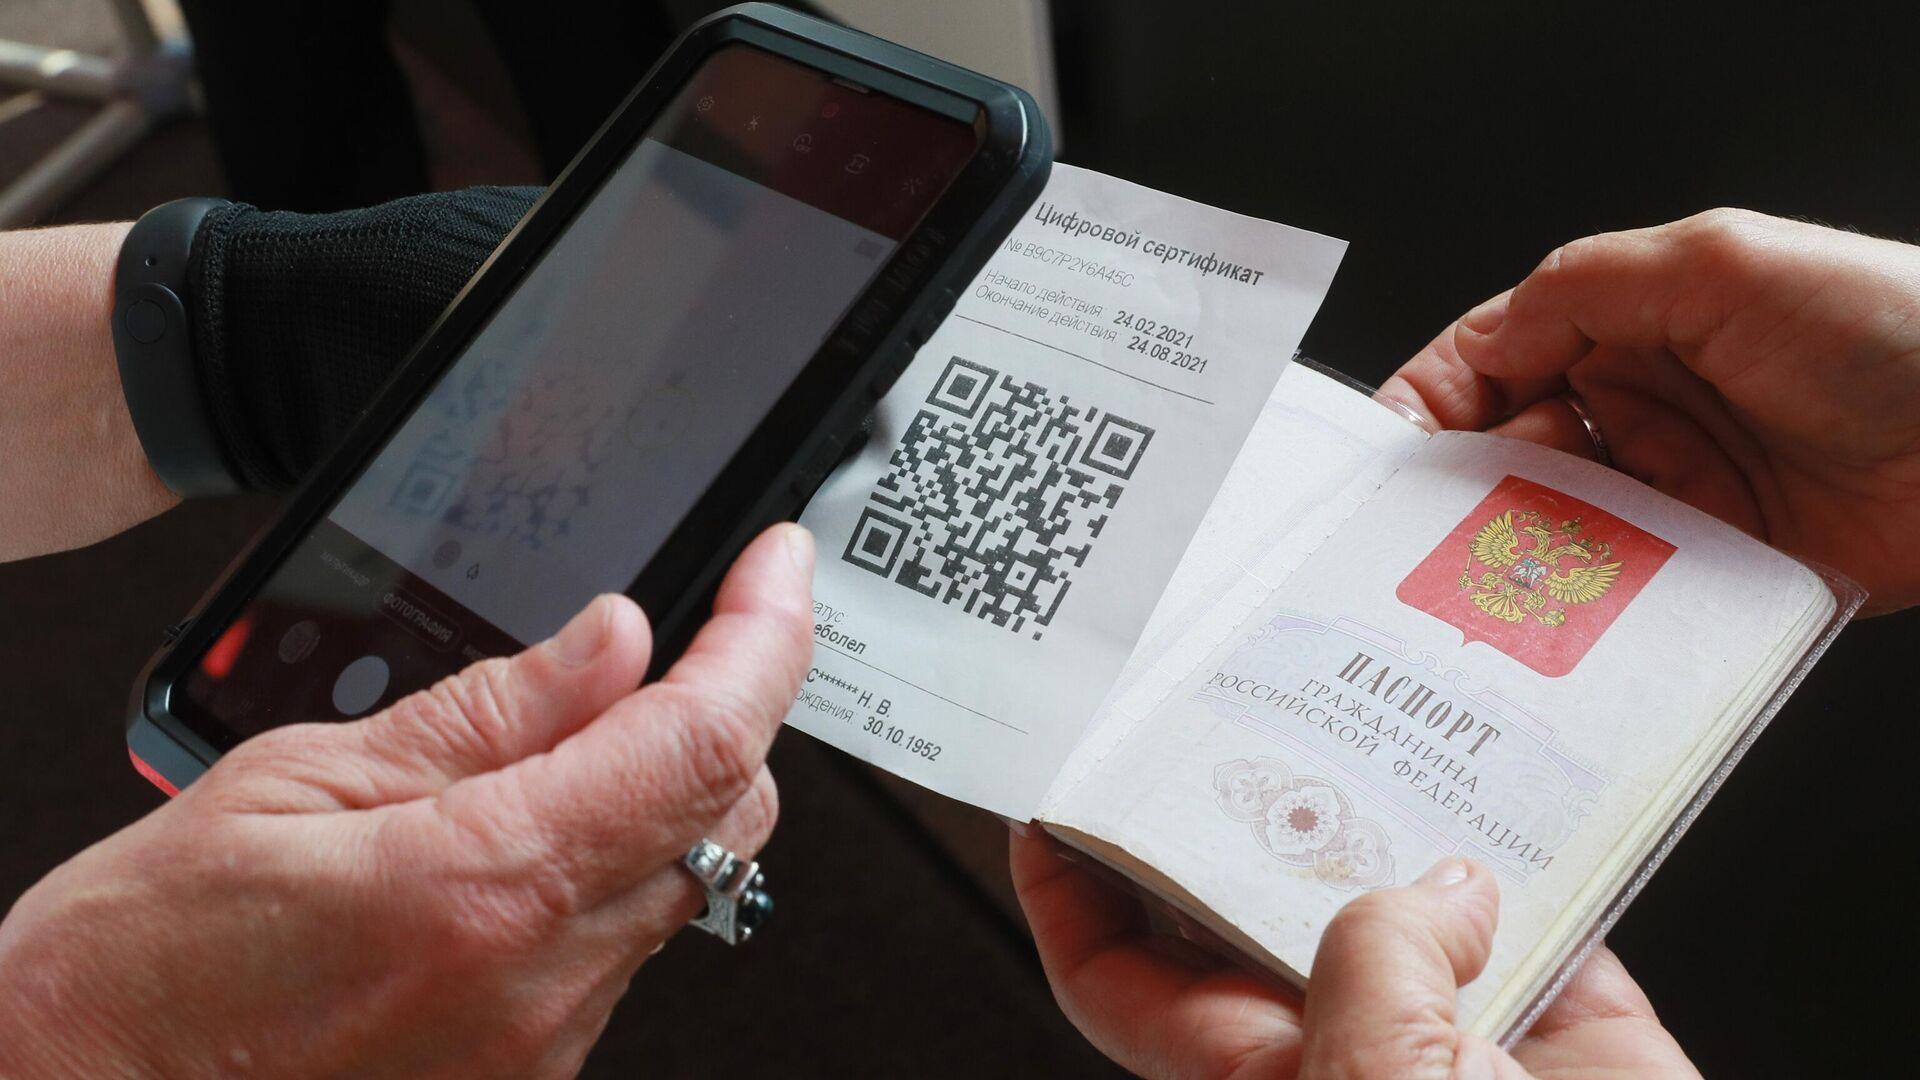 Посетитель предъявляет QR-код при входе в музей-заповедник Царицыно в Москве - РИА Новости, 1920, 19.07.2021